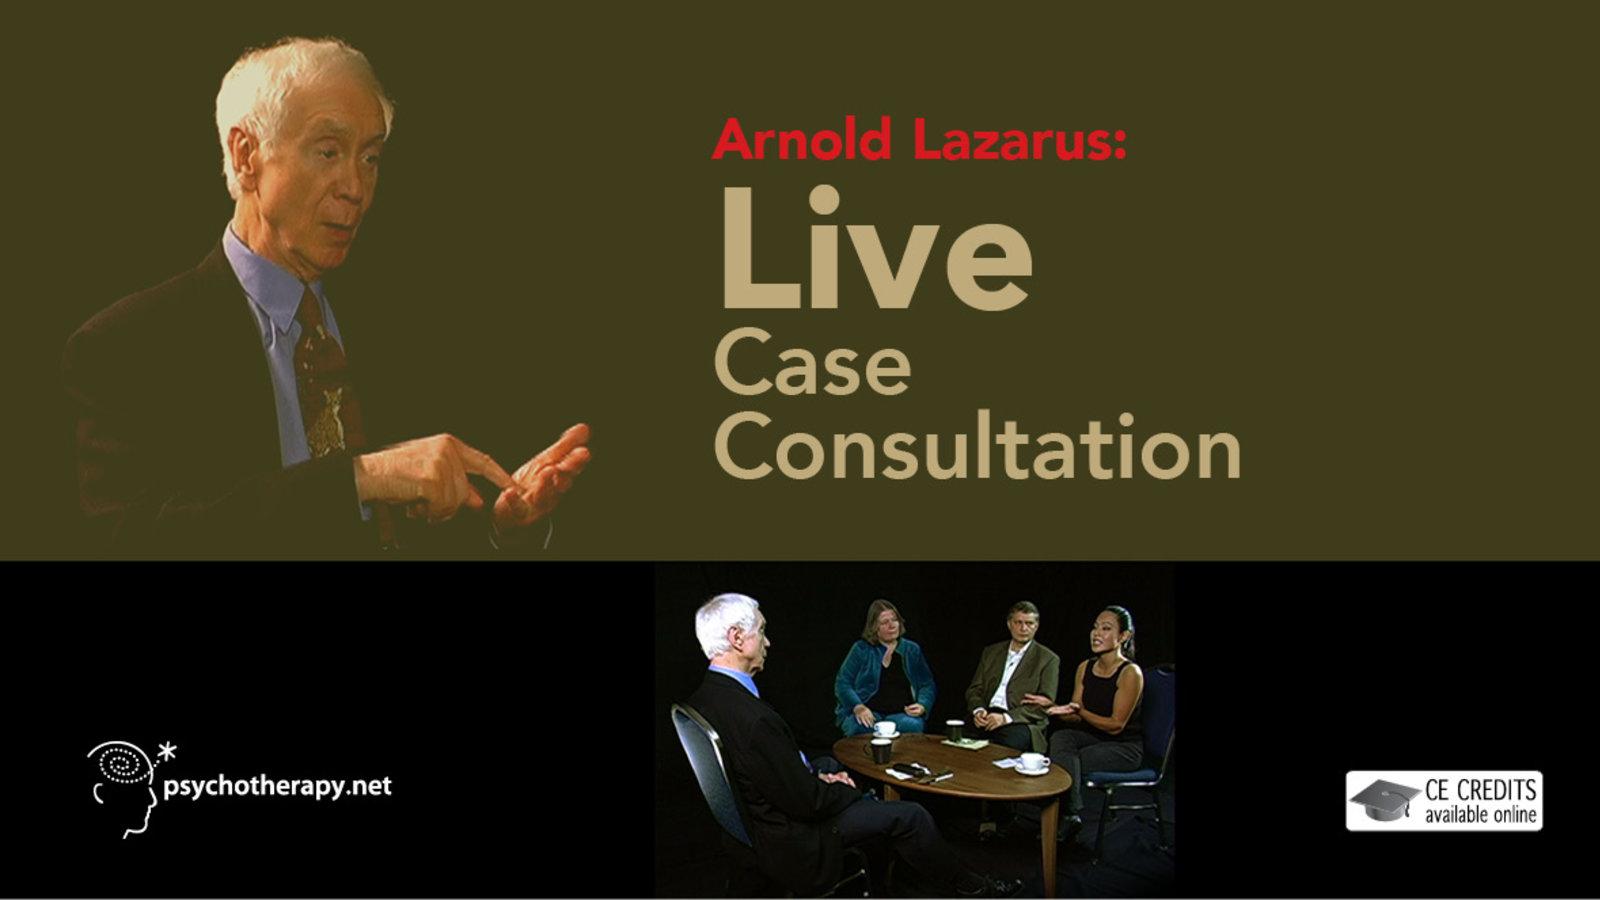 Arnold Lazarus: Live Case Consultation